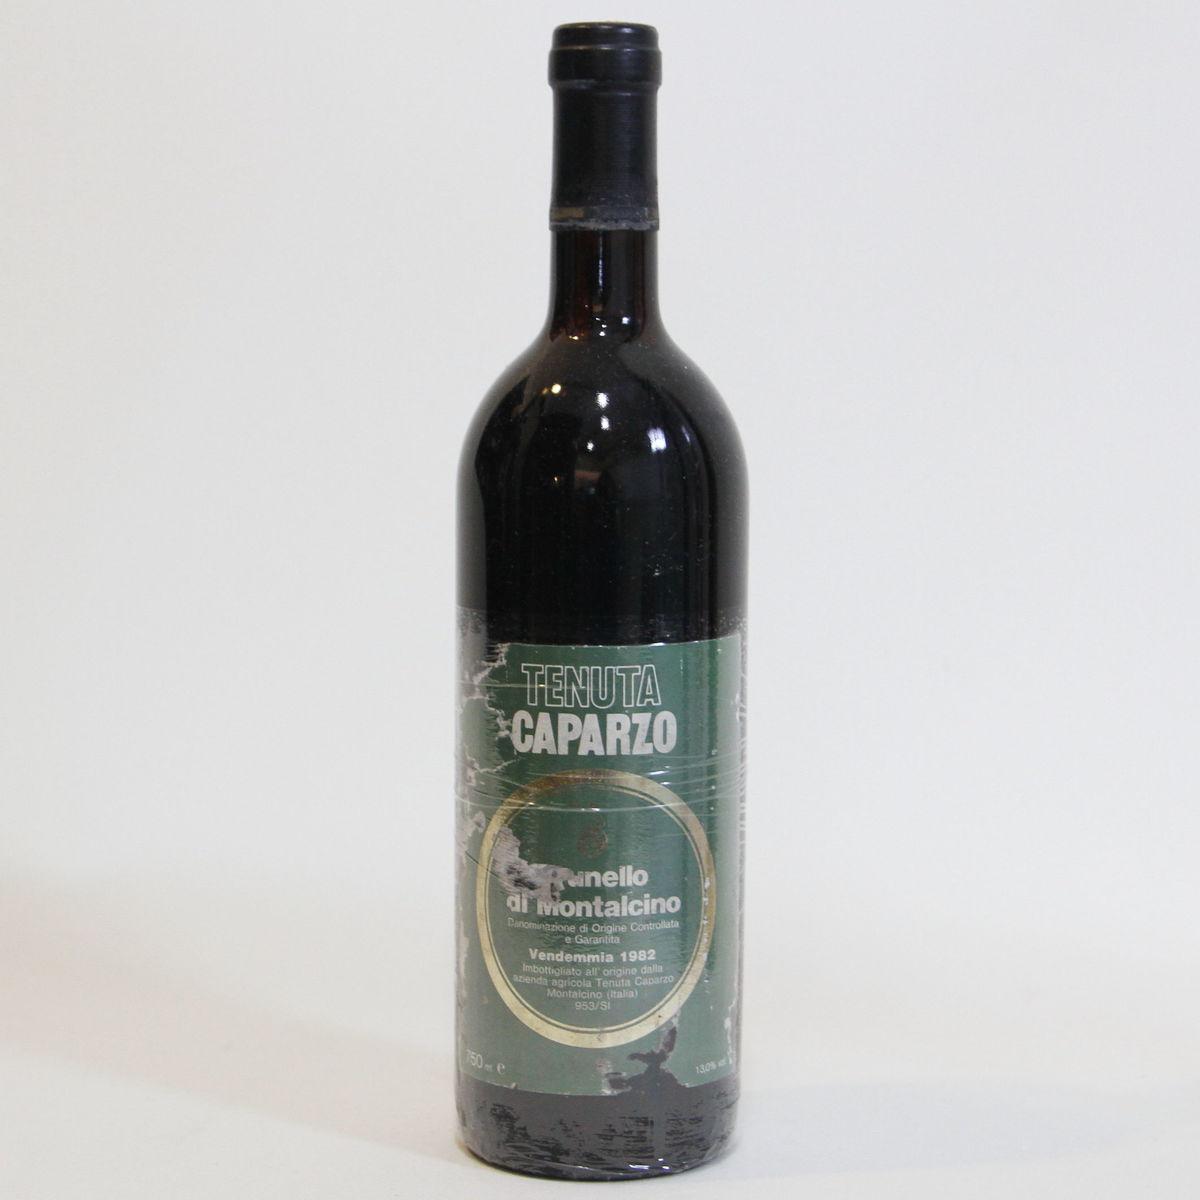 【1982年】ブルネッロ ディ モンタルチーノ テヌータ カパルツォ Brunello di Montalcino Caparzo  イタリア トスカーナ州 赤ワイン 750ml